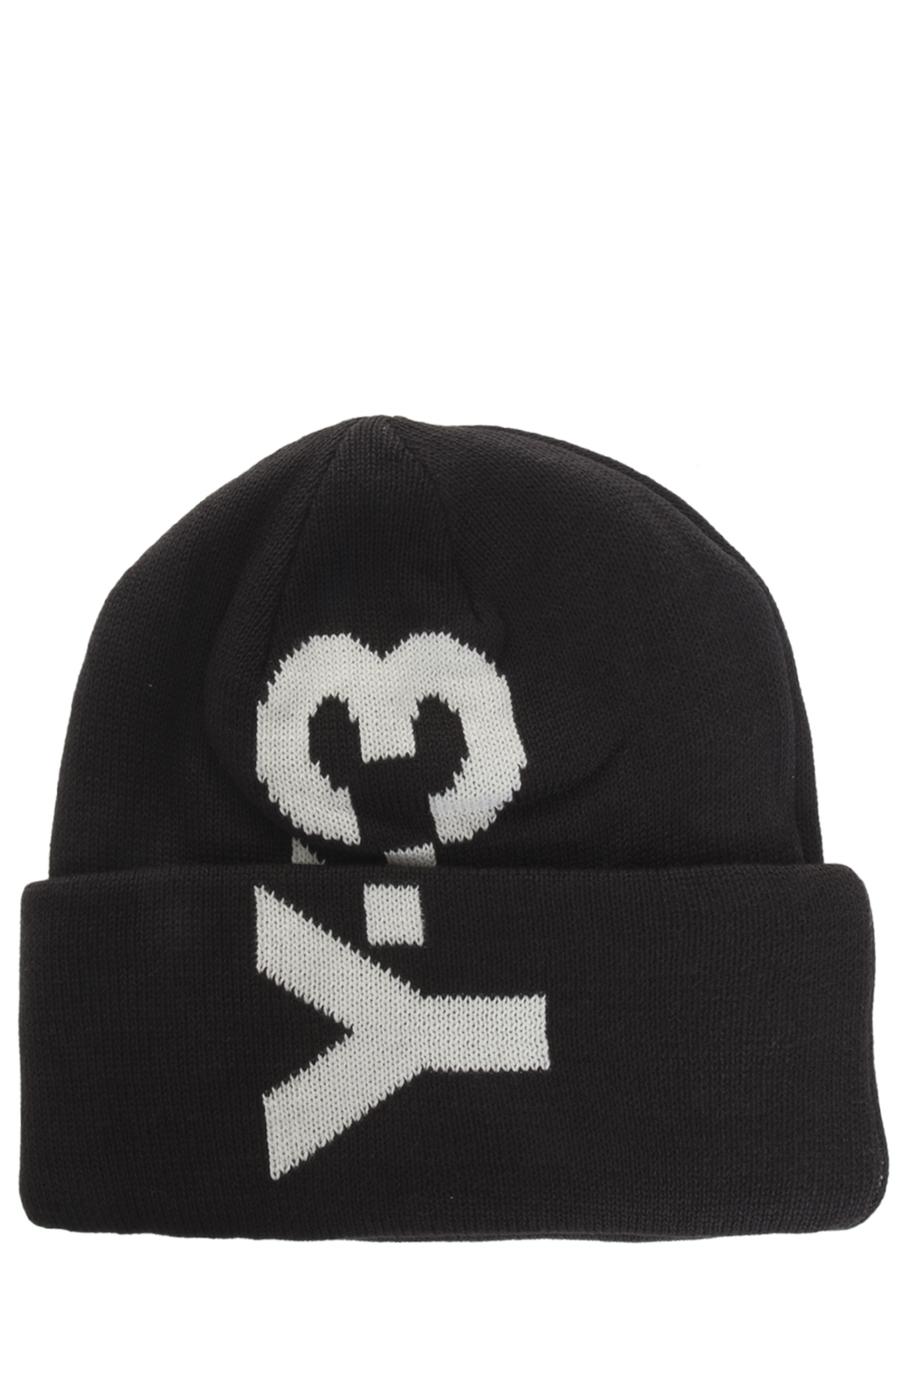 Lyst - Y-3 Logo Beanie in Black for Men bb9742a66a93